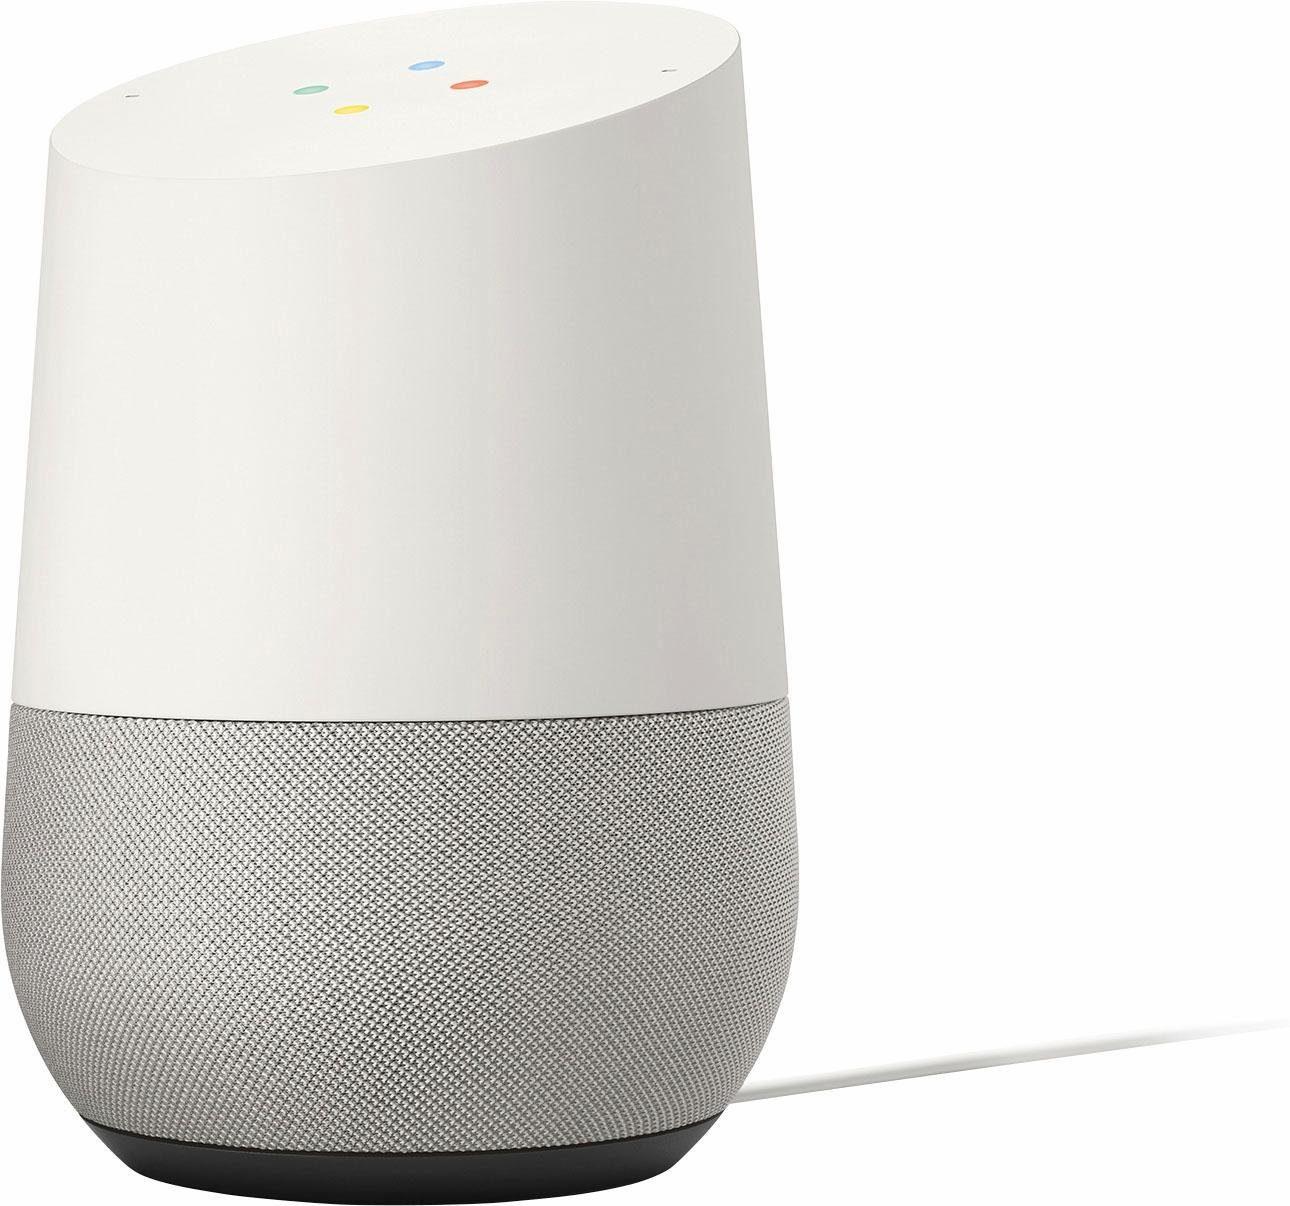 Google Home Smart-Speaker